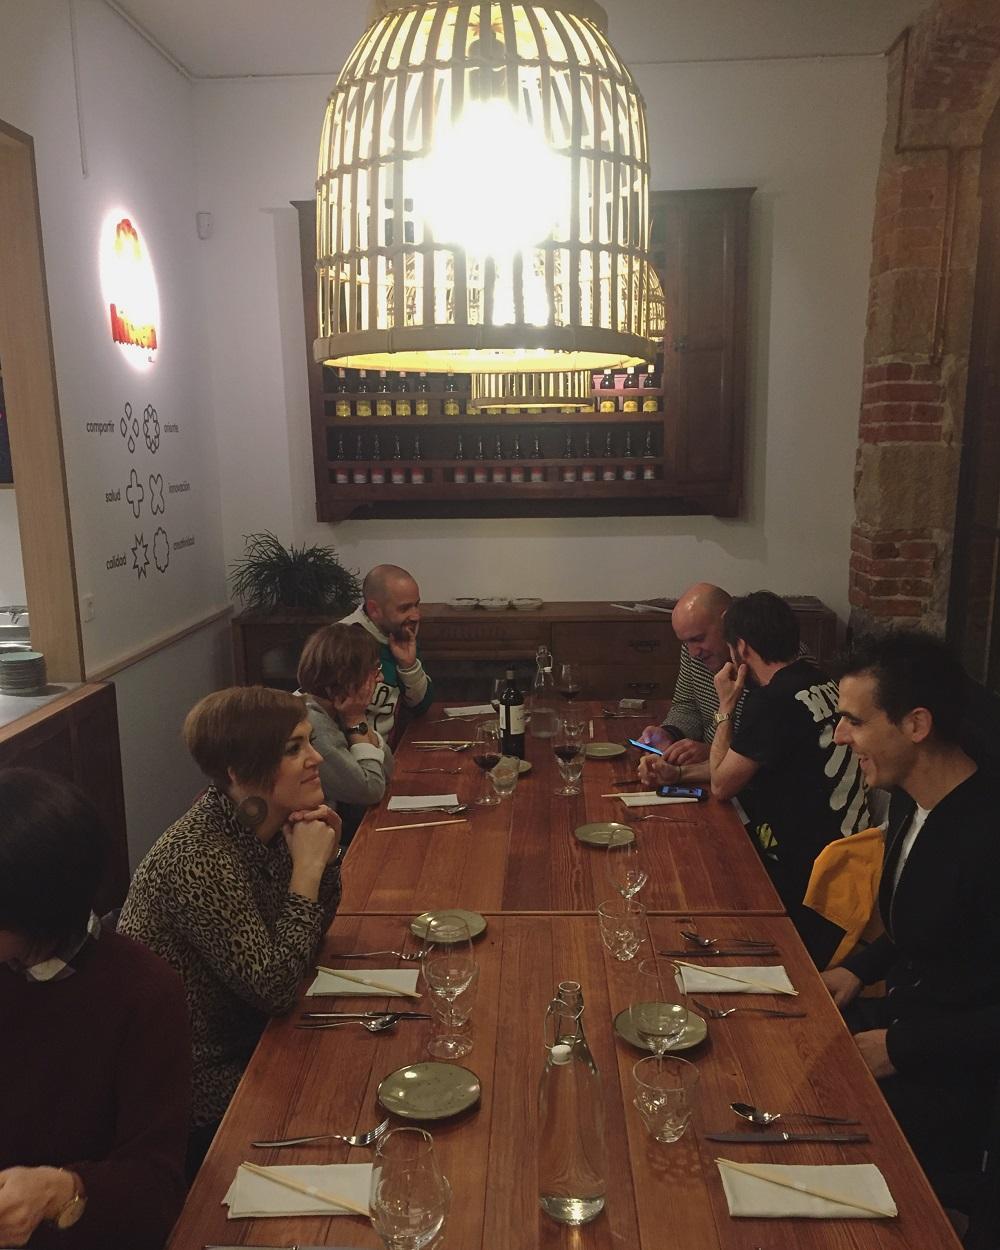 Restaurante KItxen (Bilbao)